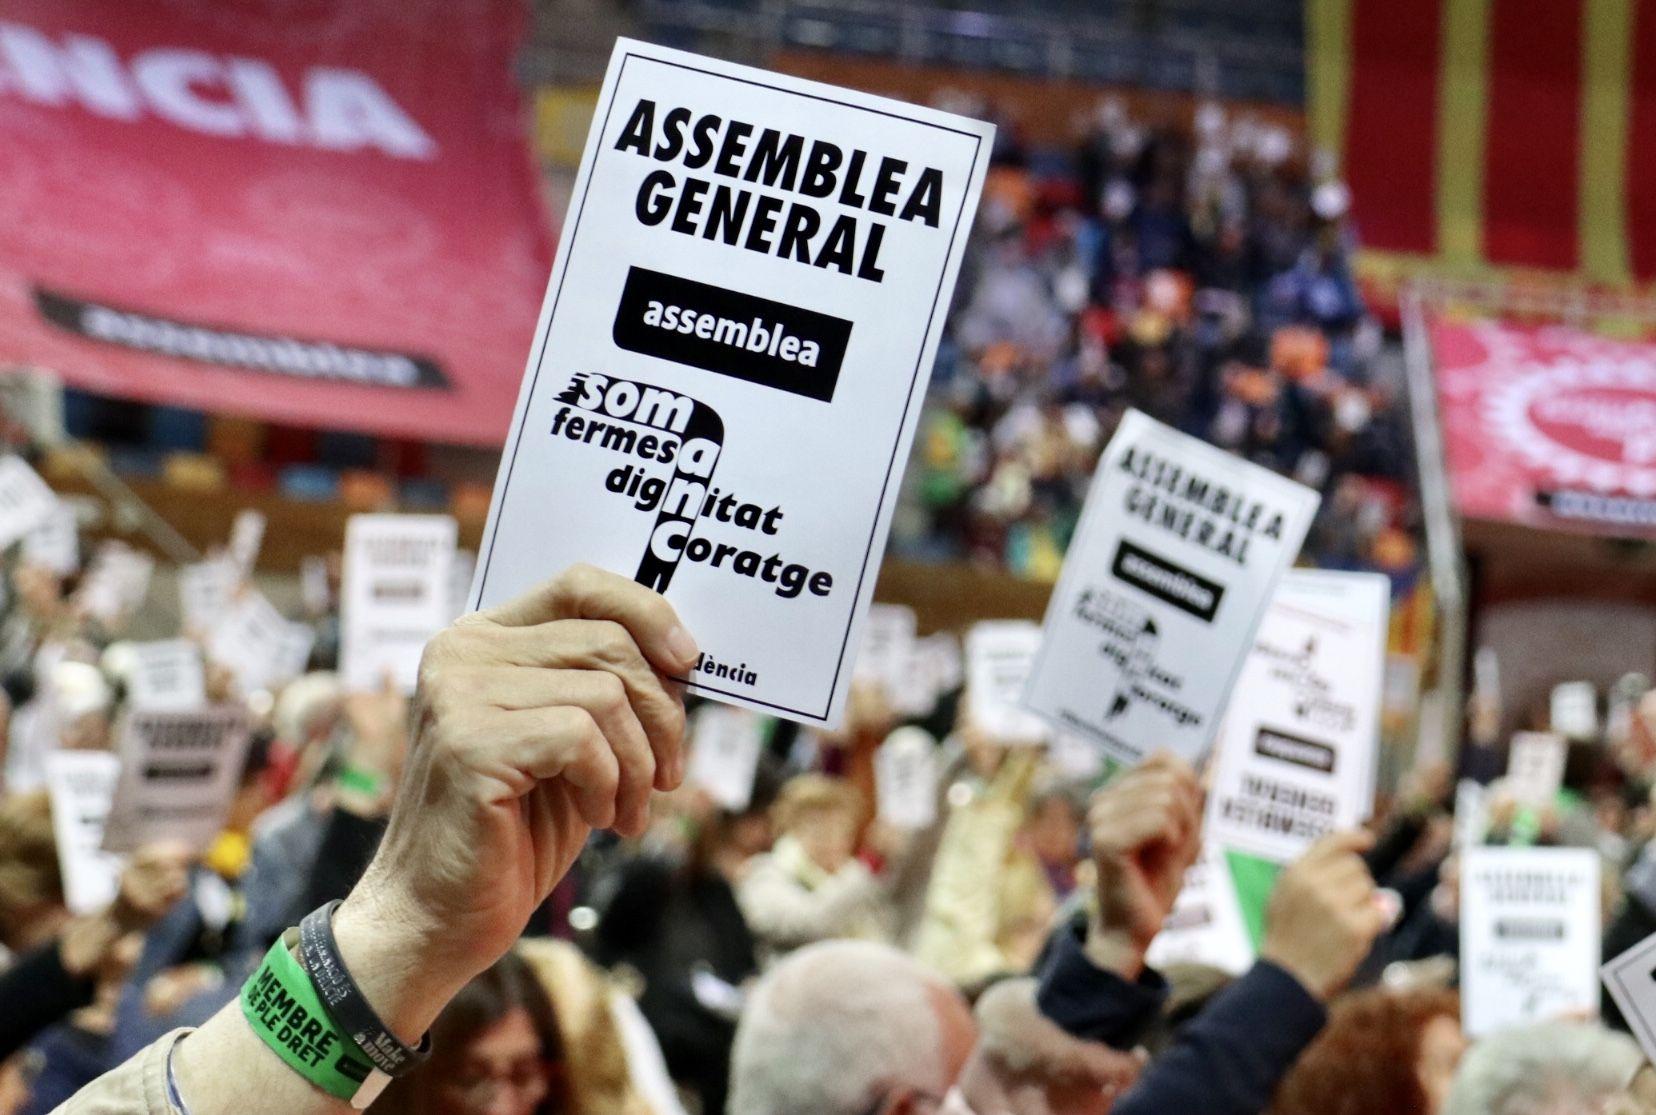 Una imatge de la darrera Assemblea General de l'ANC